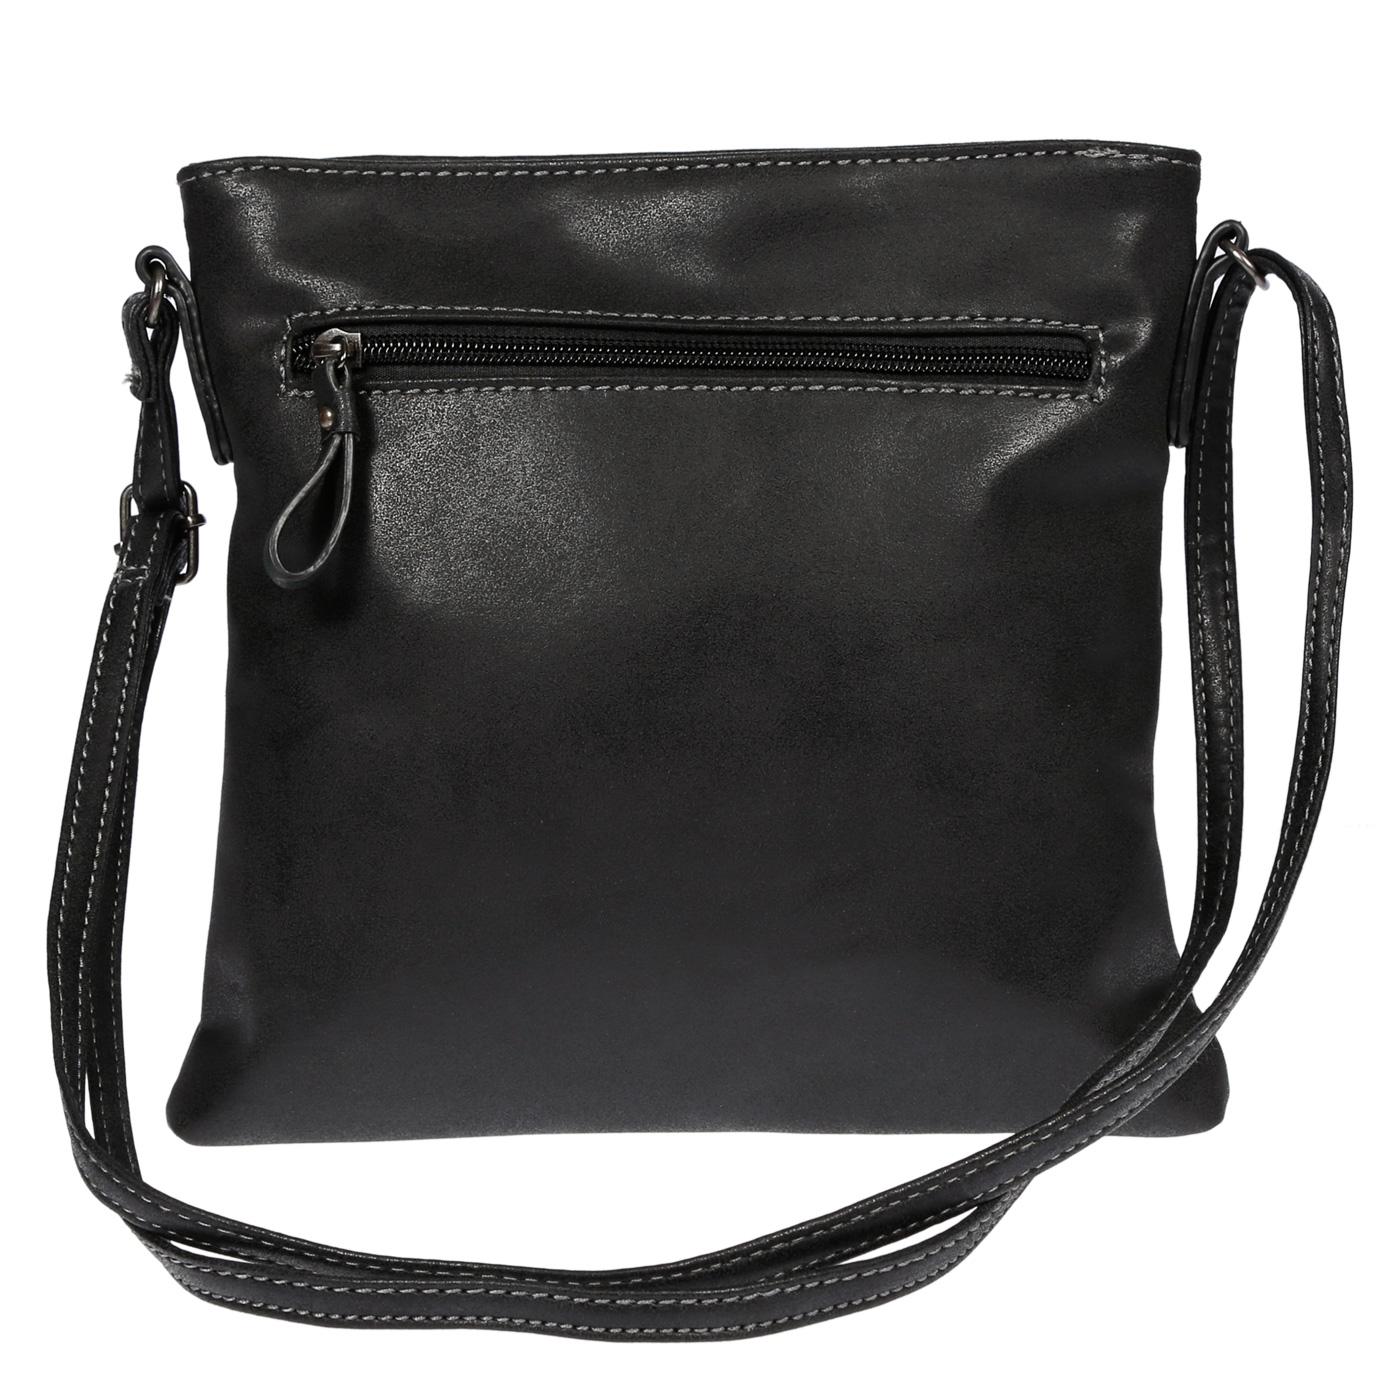 Damen-Handtasche-Umhaengetasche-Schultertasche-Tasche-Leder-Optik-Schwarz-Weiss Indexbild 12